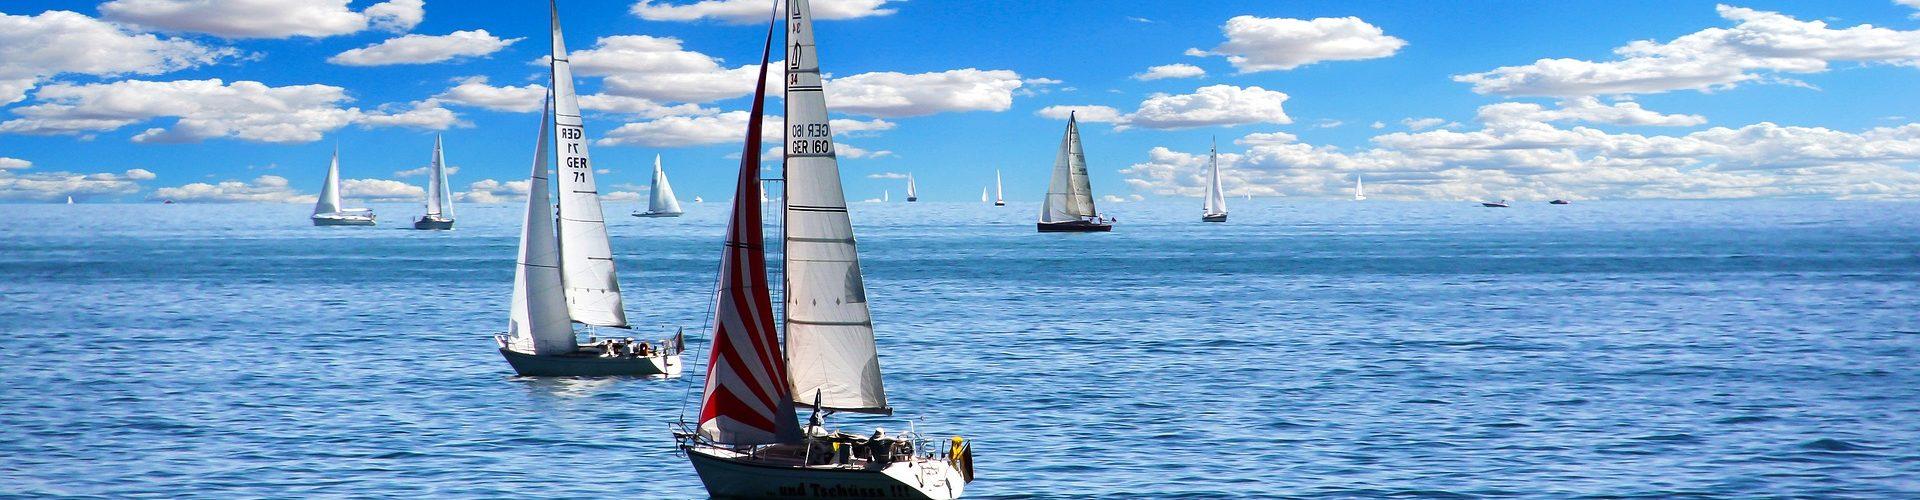 segeln lernen in Eichstedt Altmark segelschein machen in Eichstedt Altmark 1920x500 - Segeln lernen in Eichstedt (Altmark)